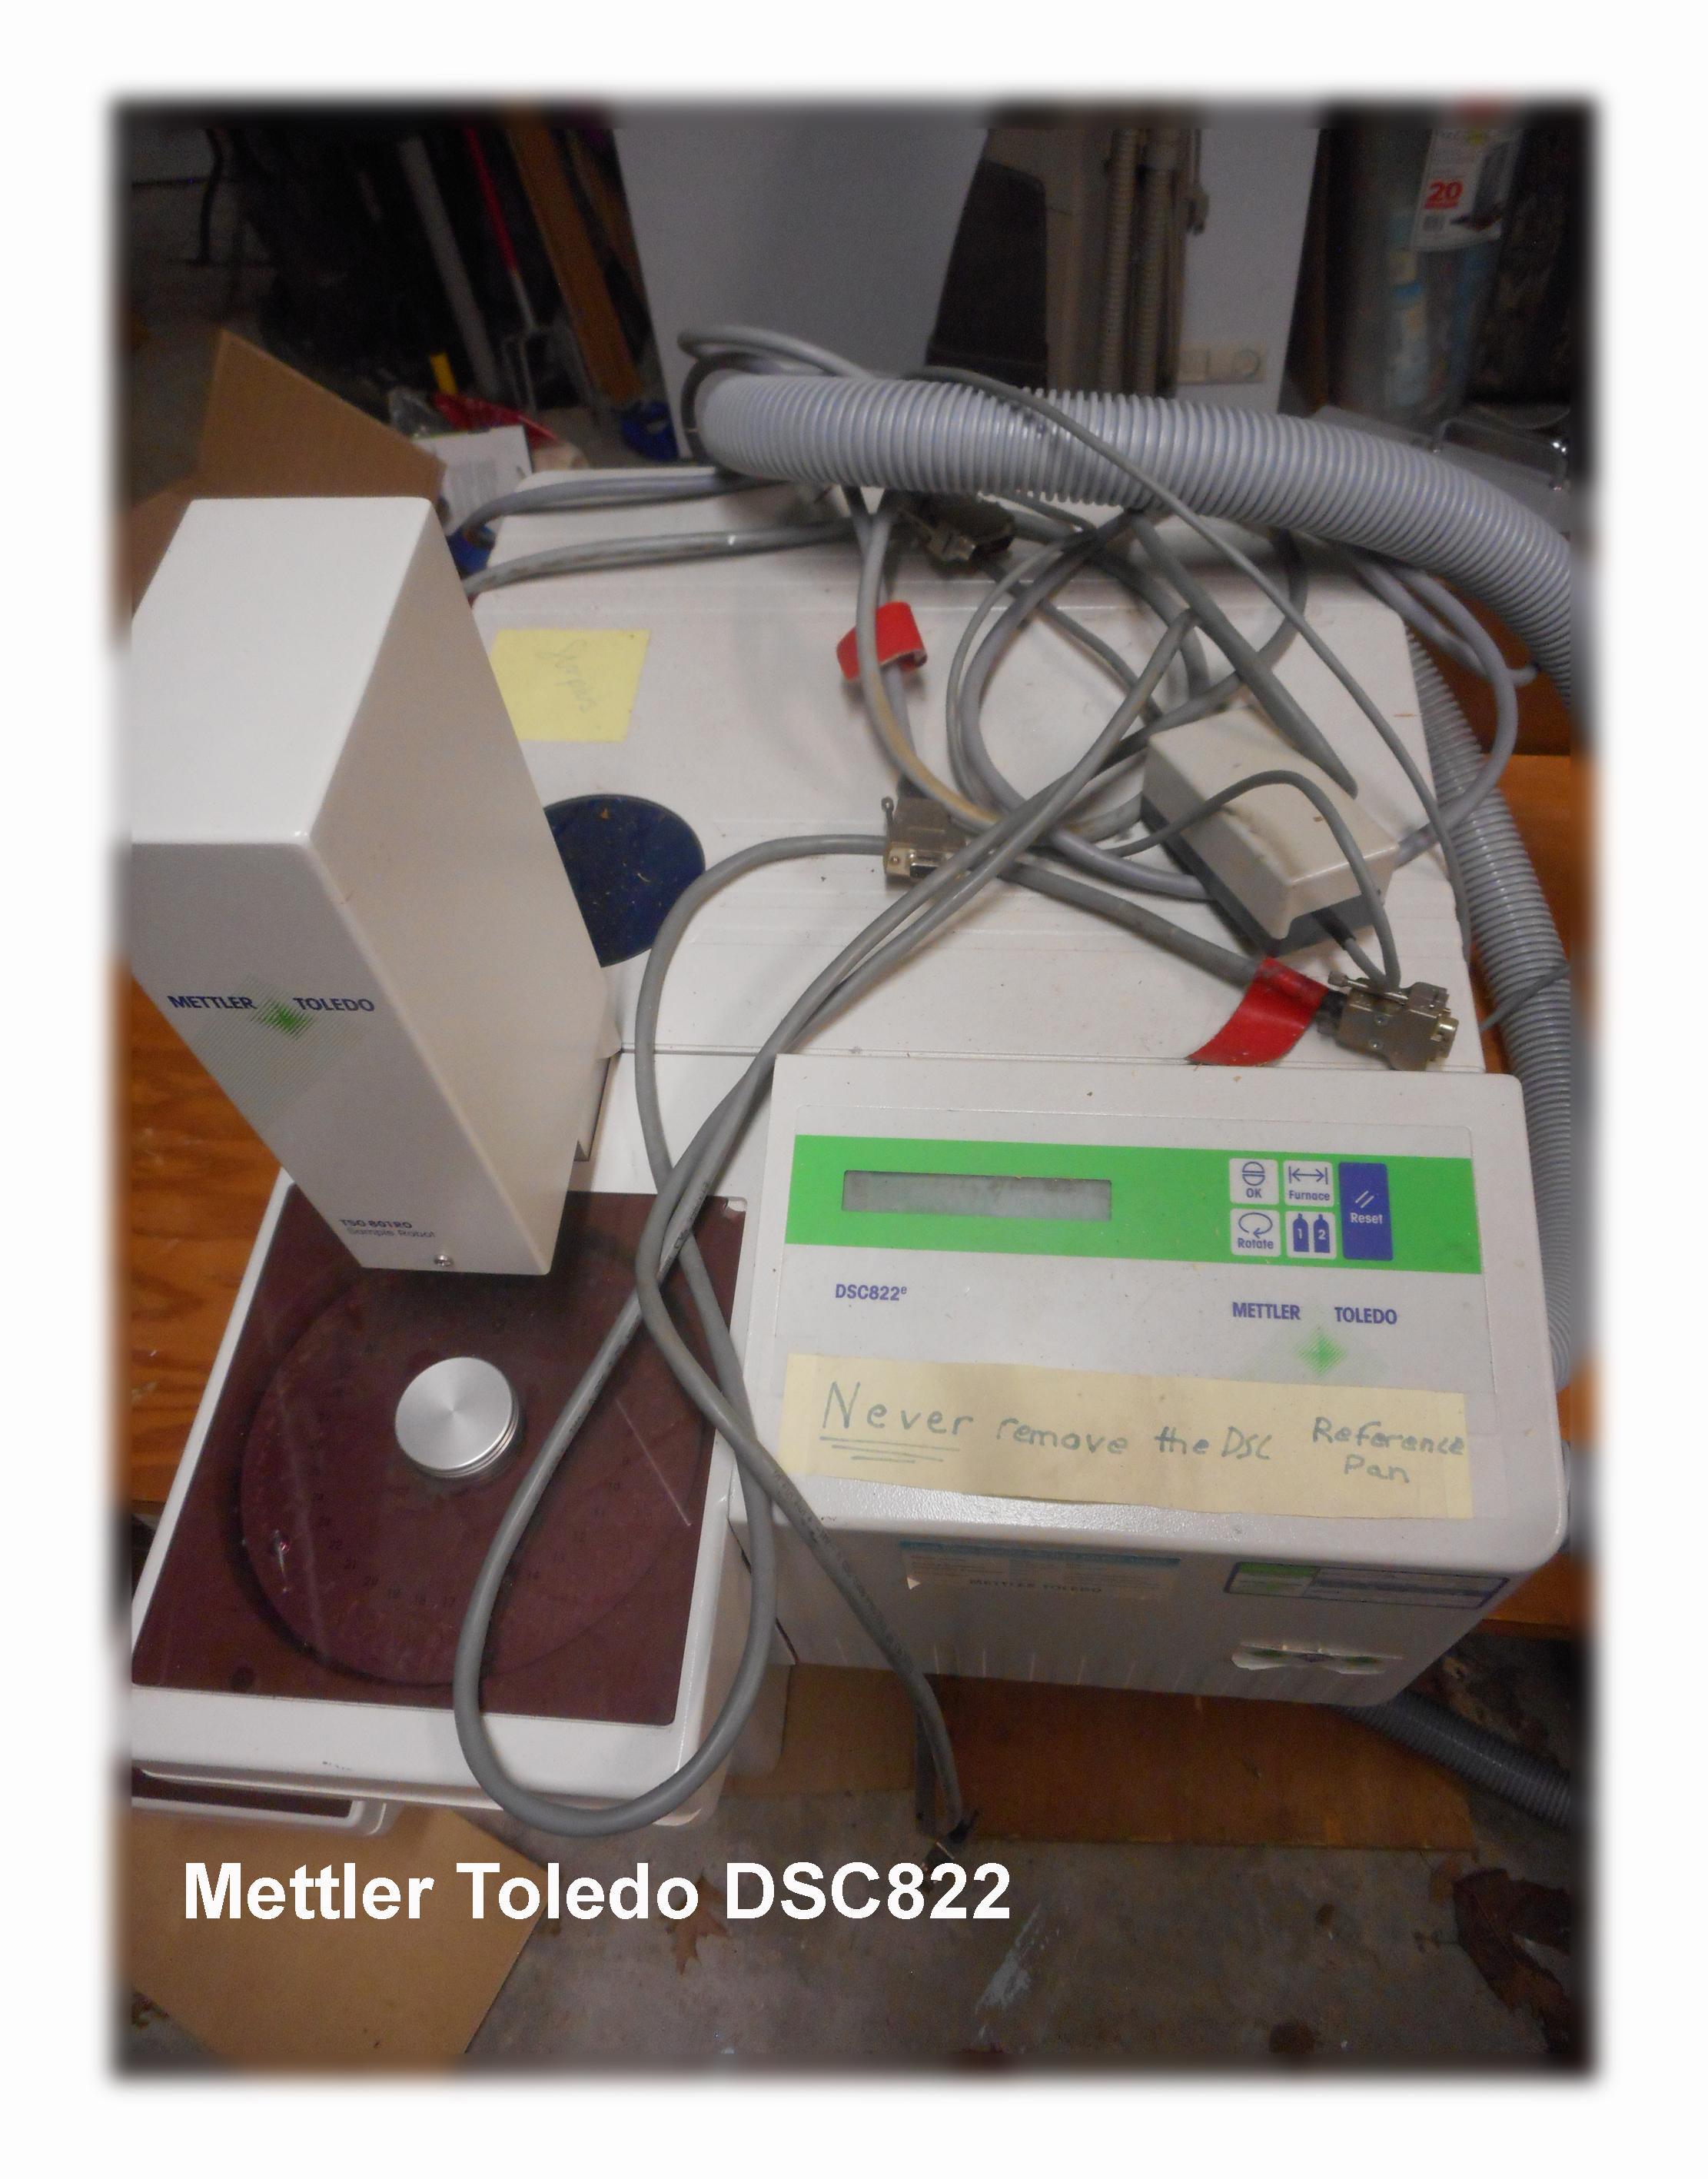 Mettler Toledo DSC 822